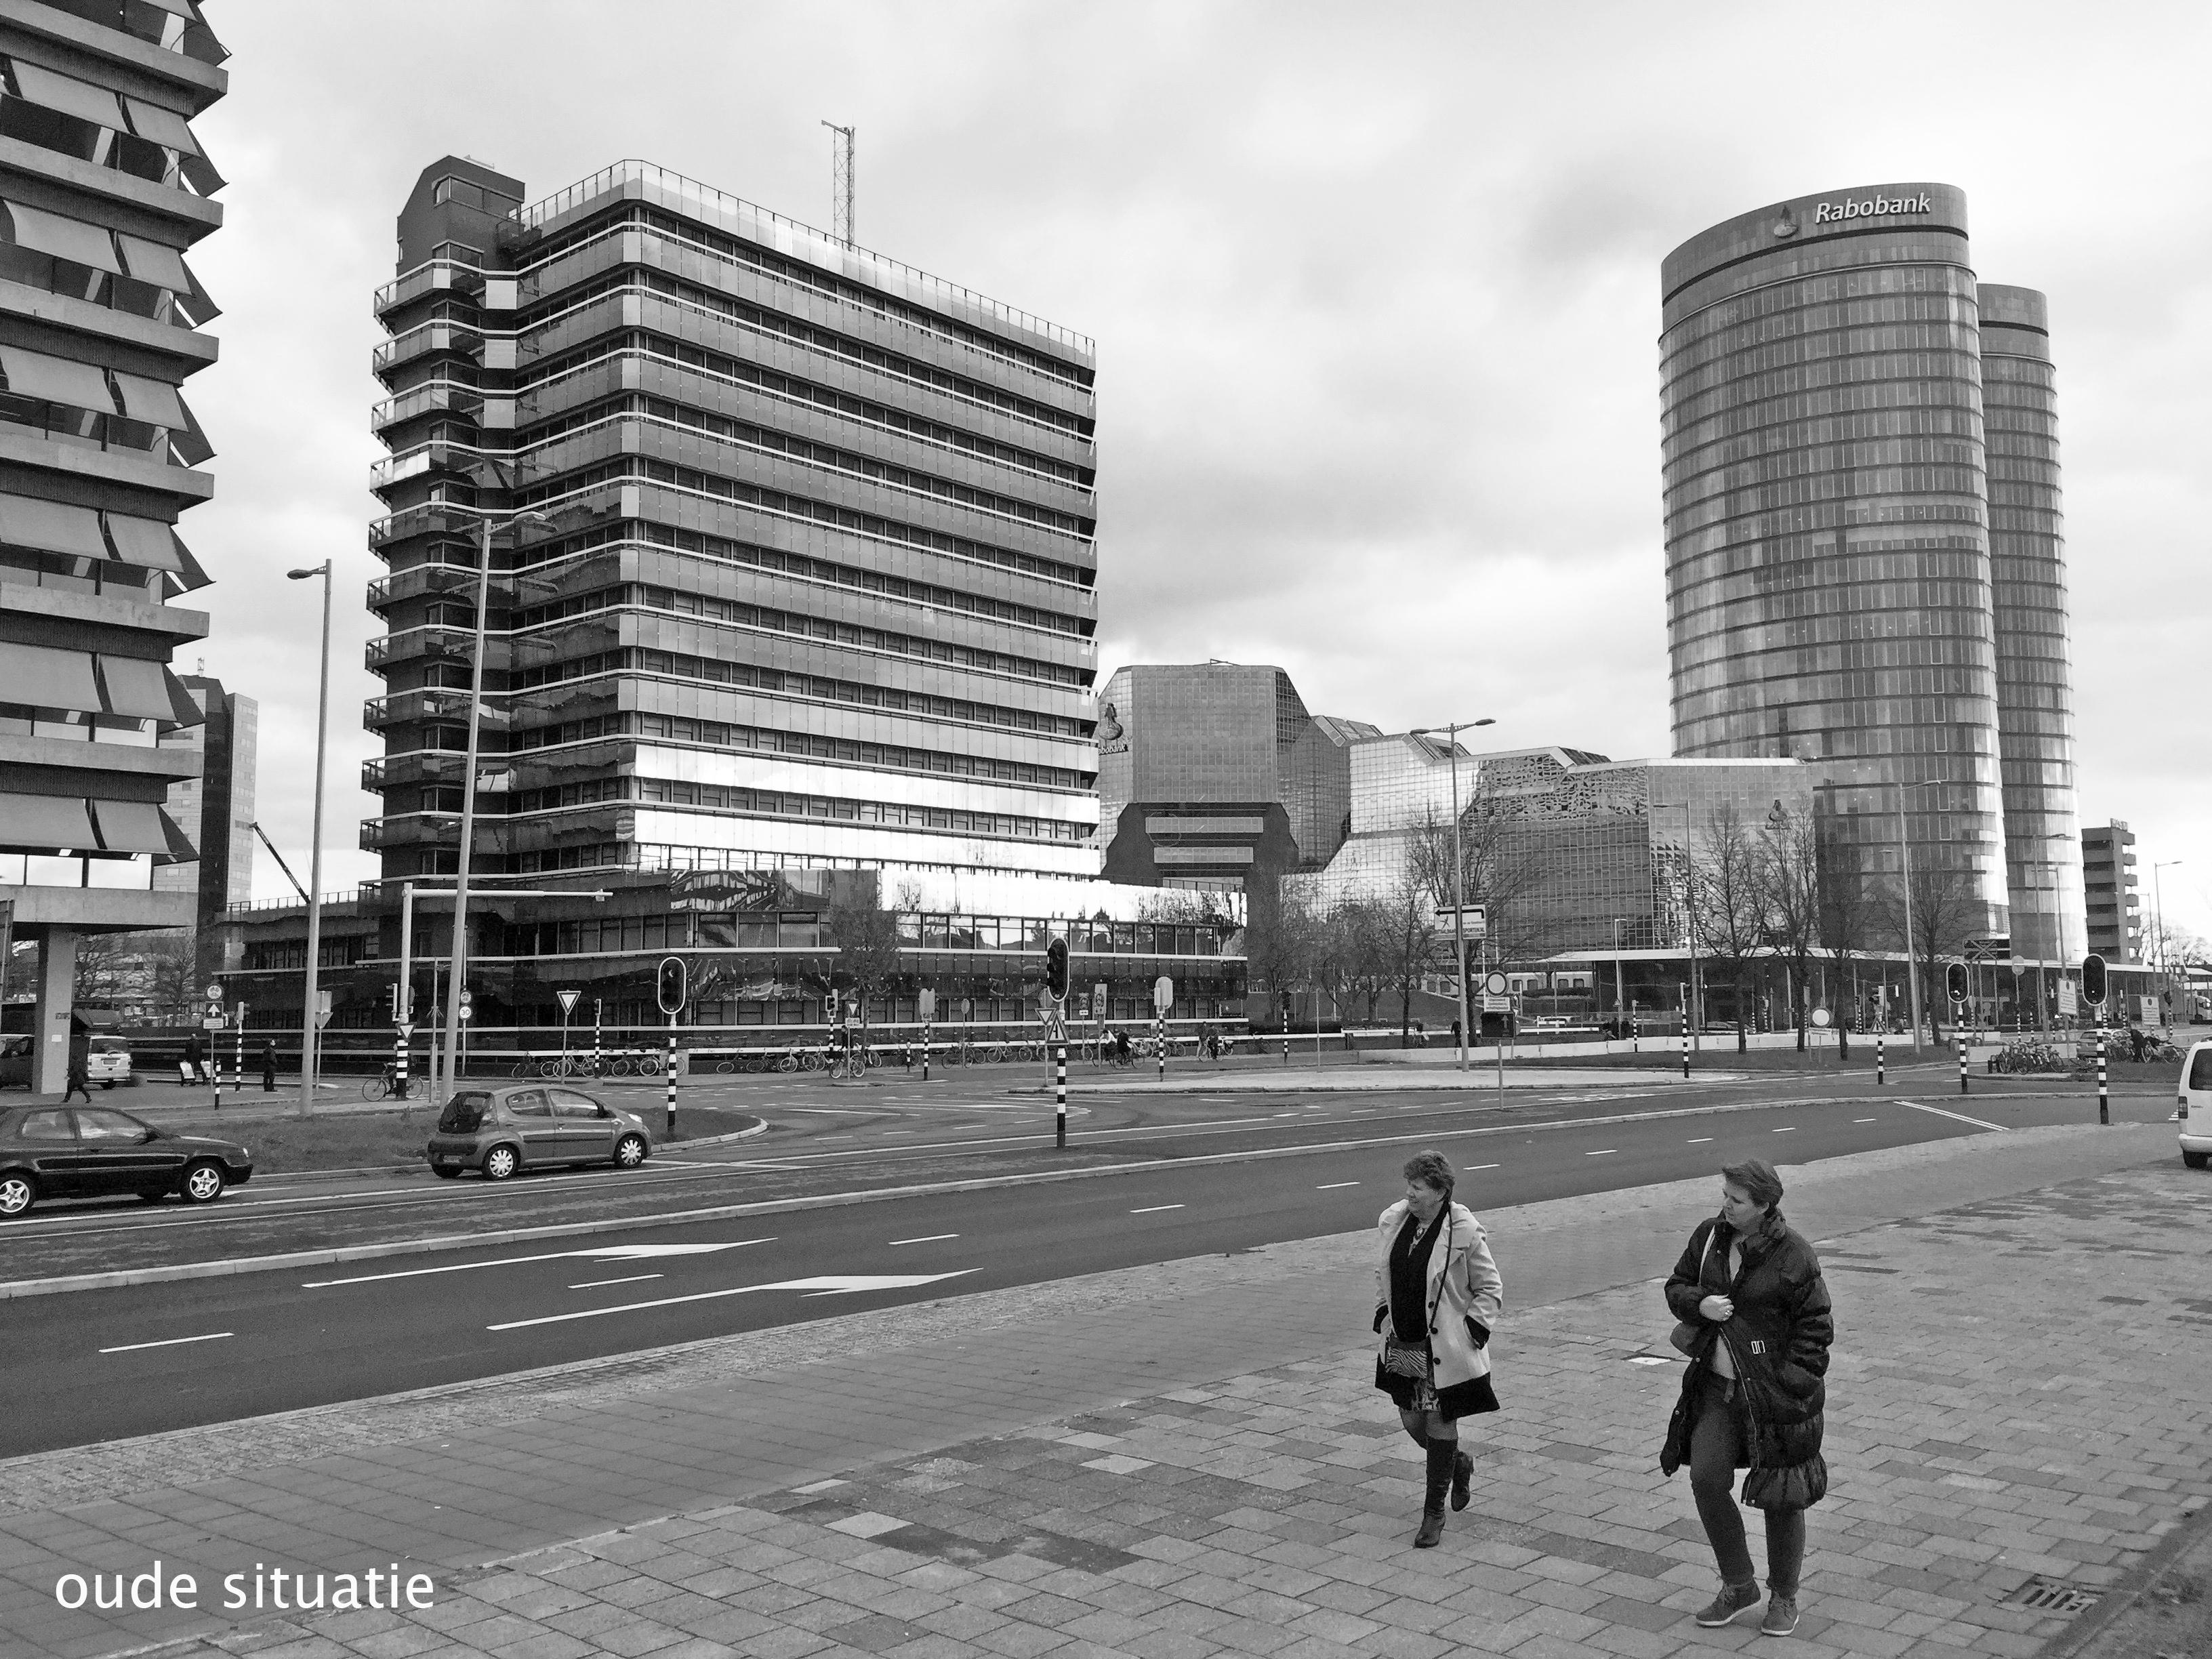 <p>Beeld Leon van Woerkom, De Knoop, Utrecht &#8211; cepezed</p>